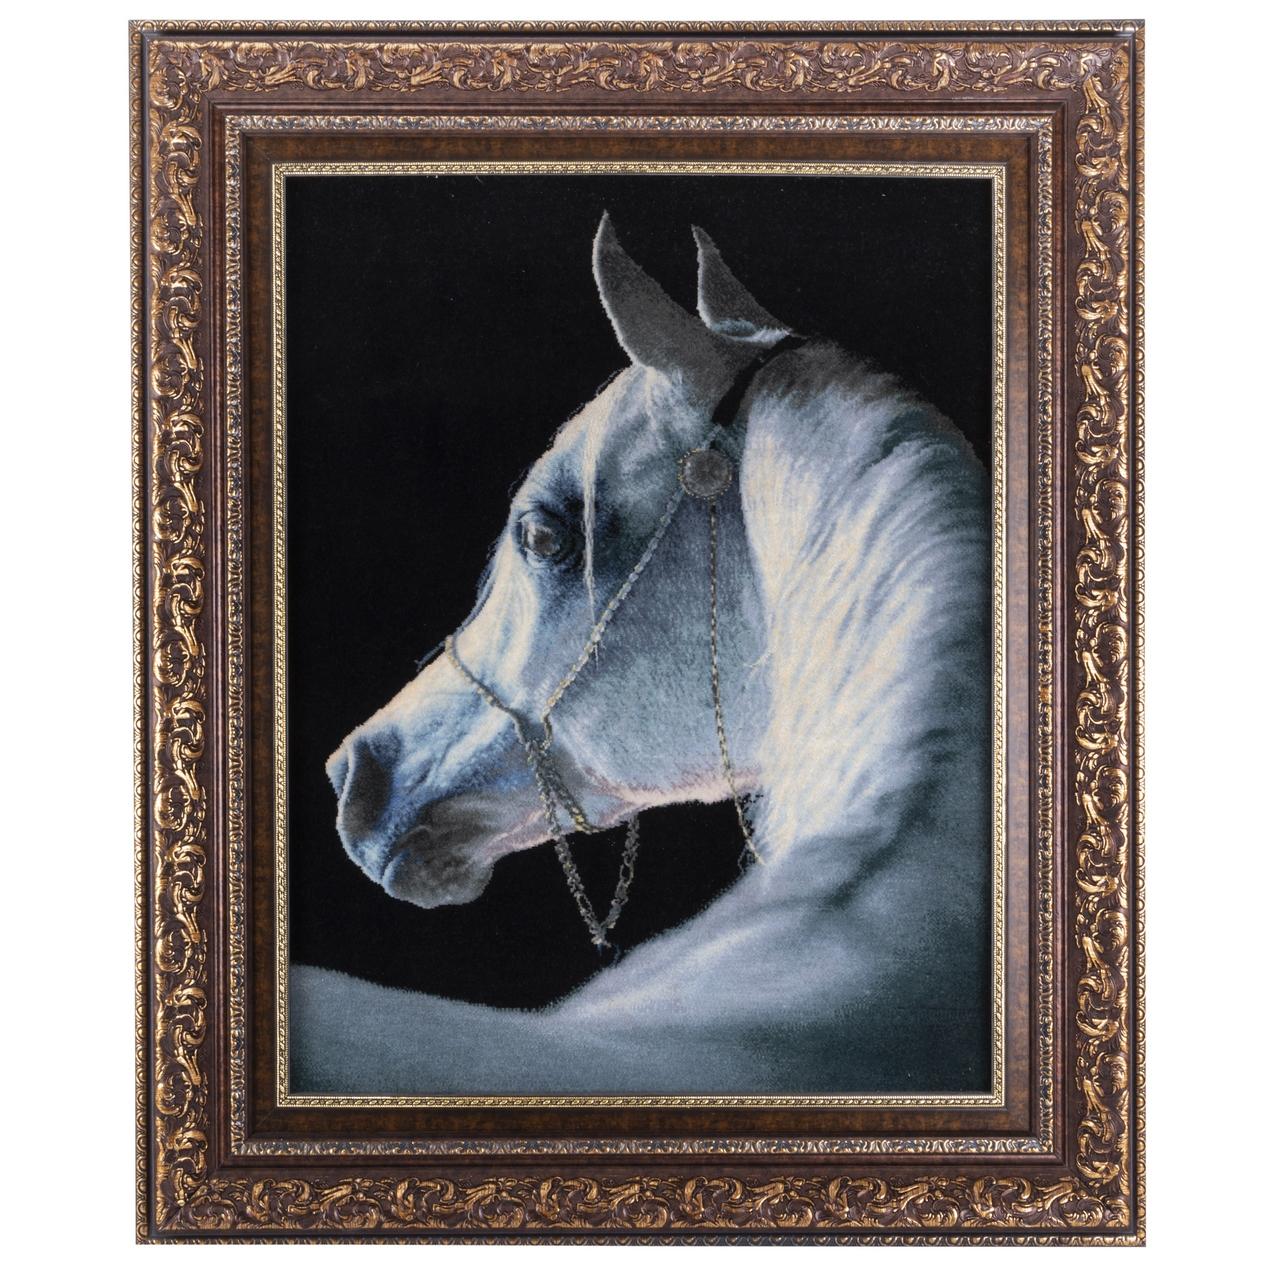 تابلو فرش دستباف سی پرشیا طرح کله اسب کد 901807